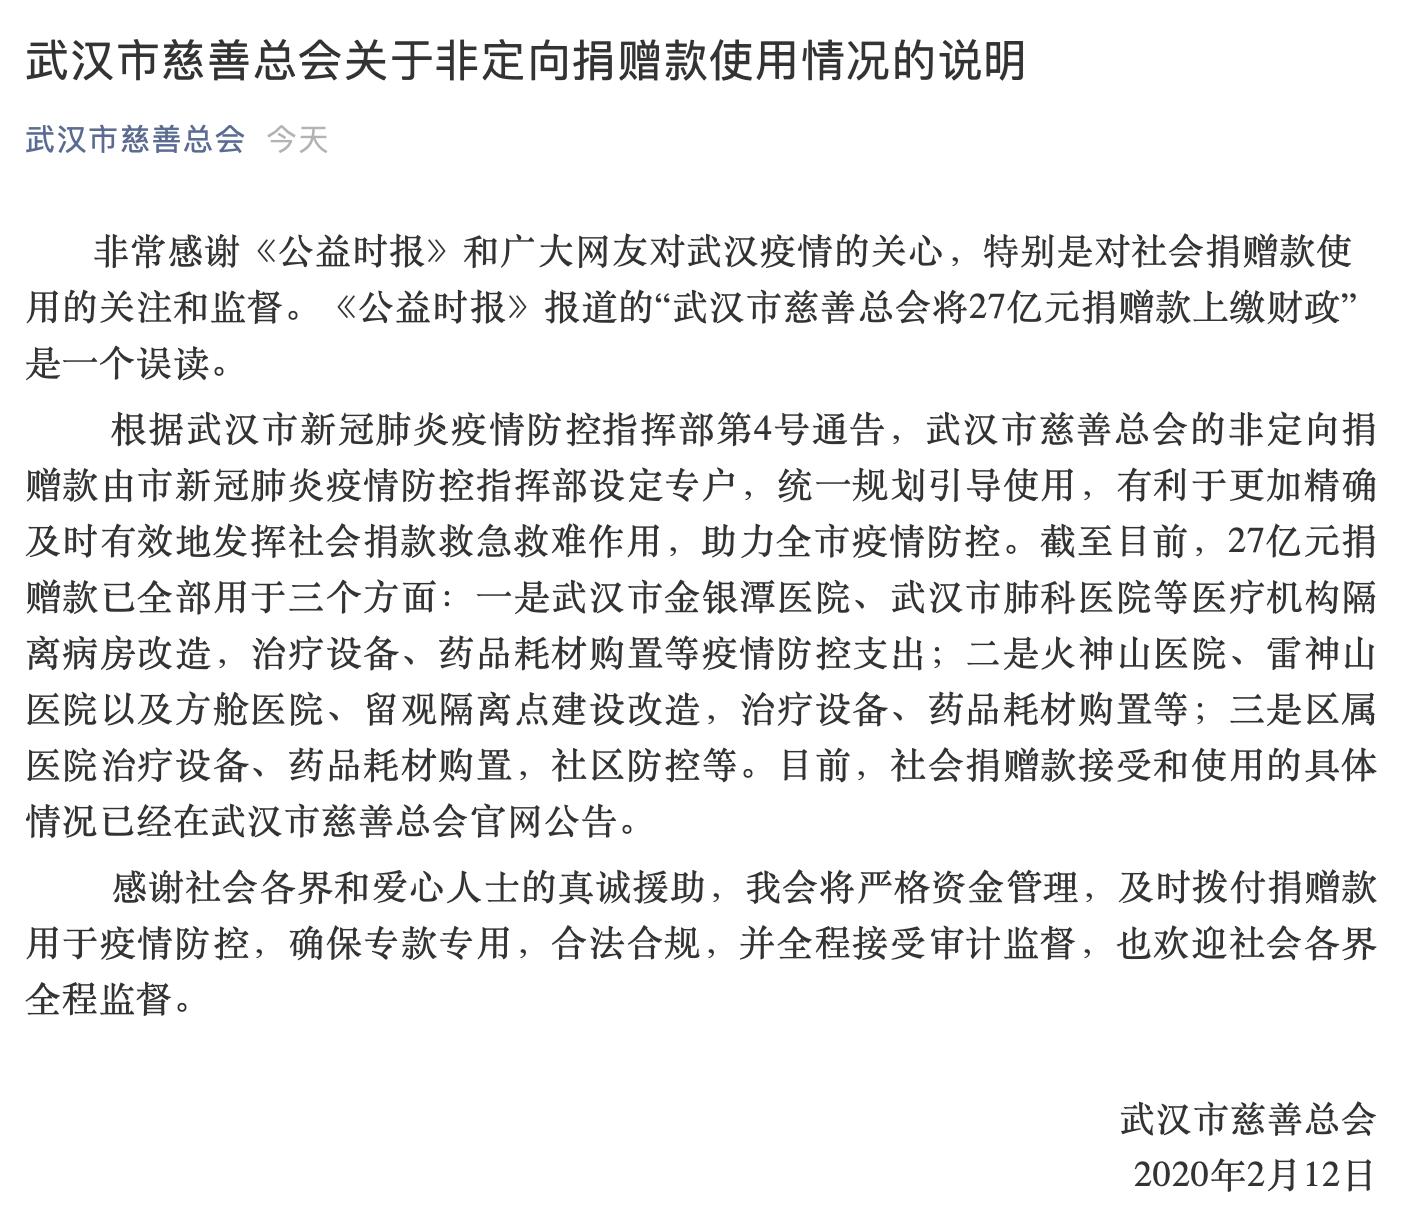 """""""武汉市慈善总会回应""""将27亿元捐赠款上缴财政"""""""